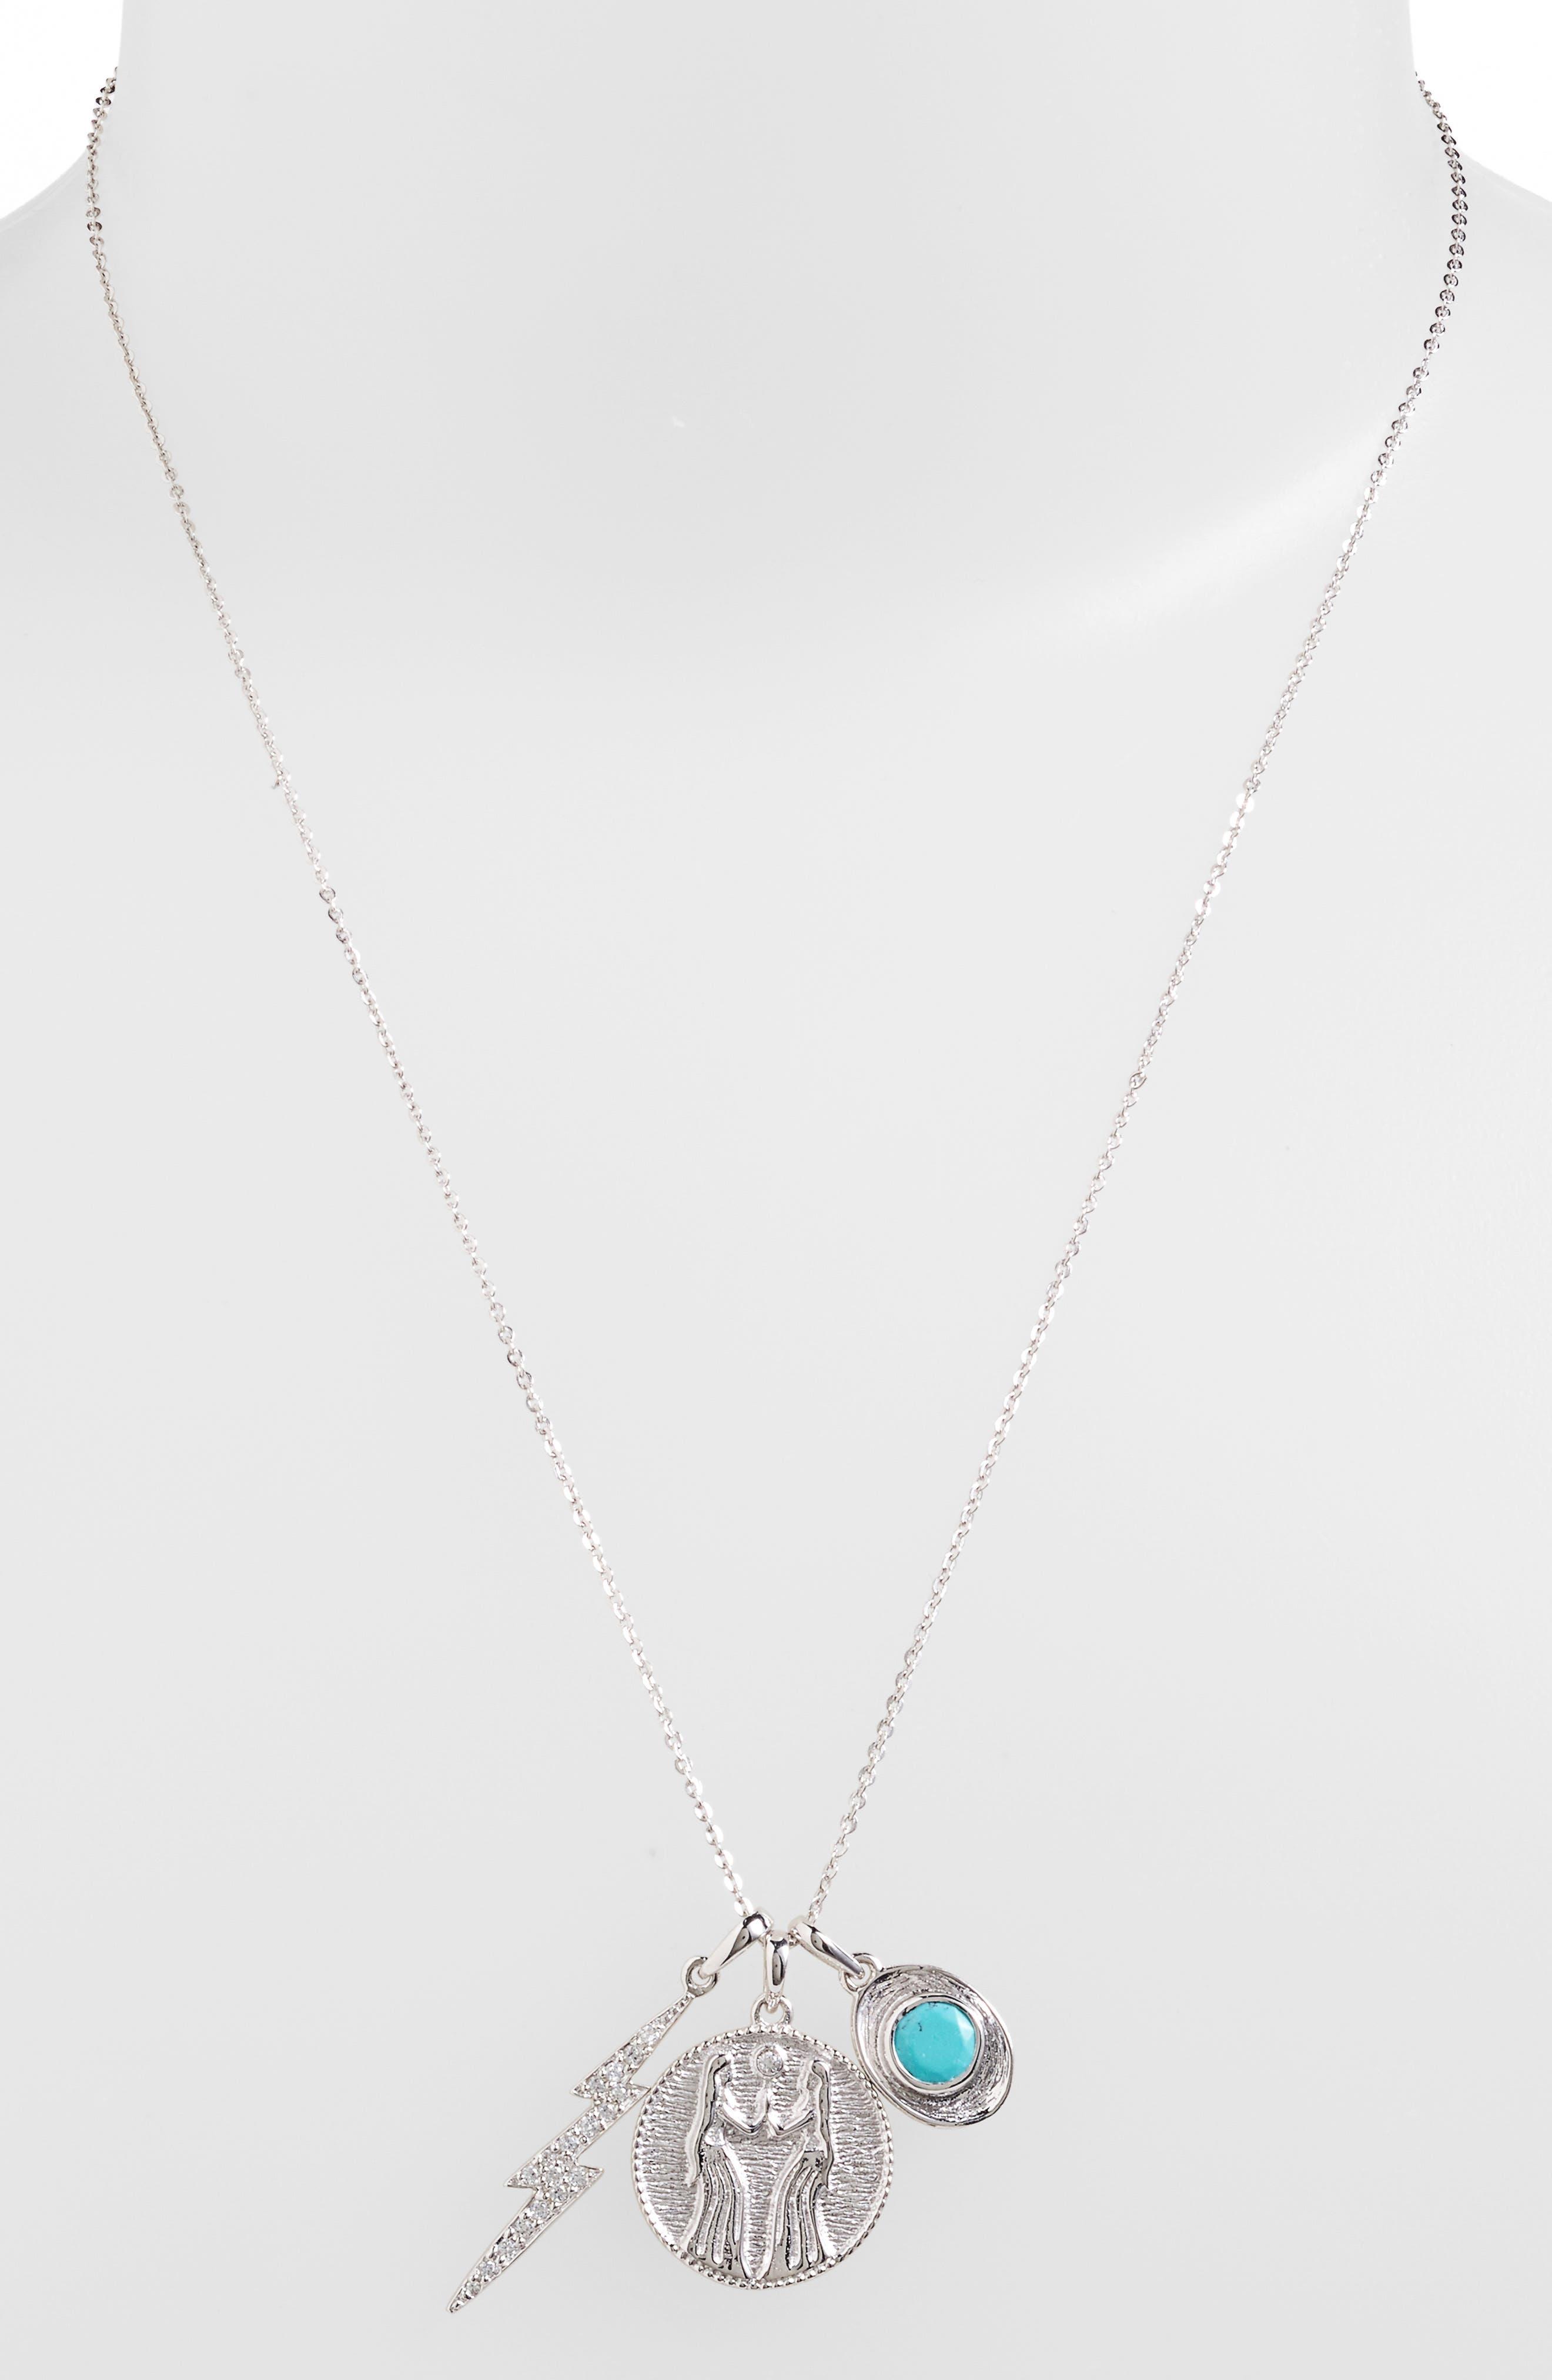 Goddess of Sisterhood Pendant Necklace,                             Main thumbnail 1, color,